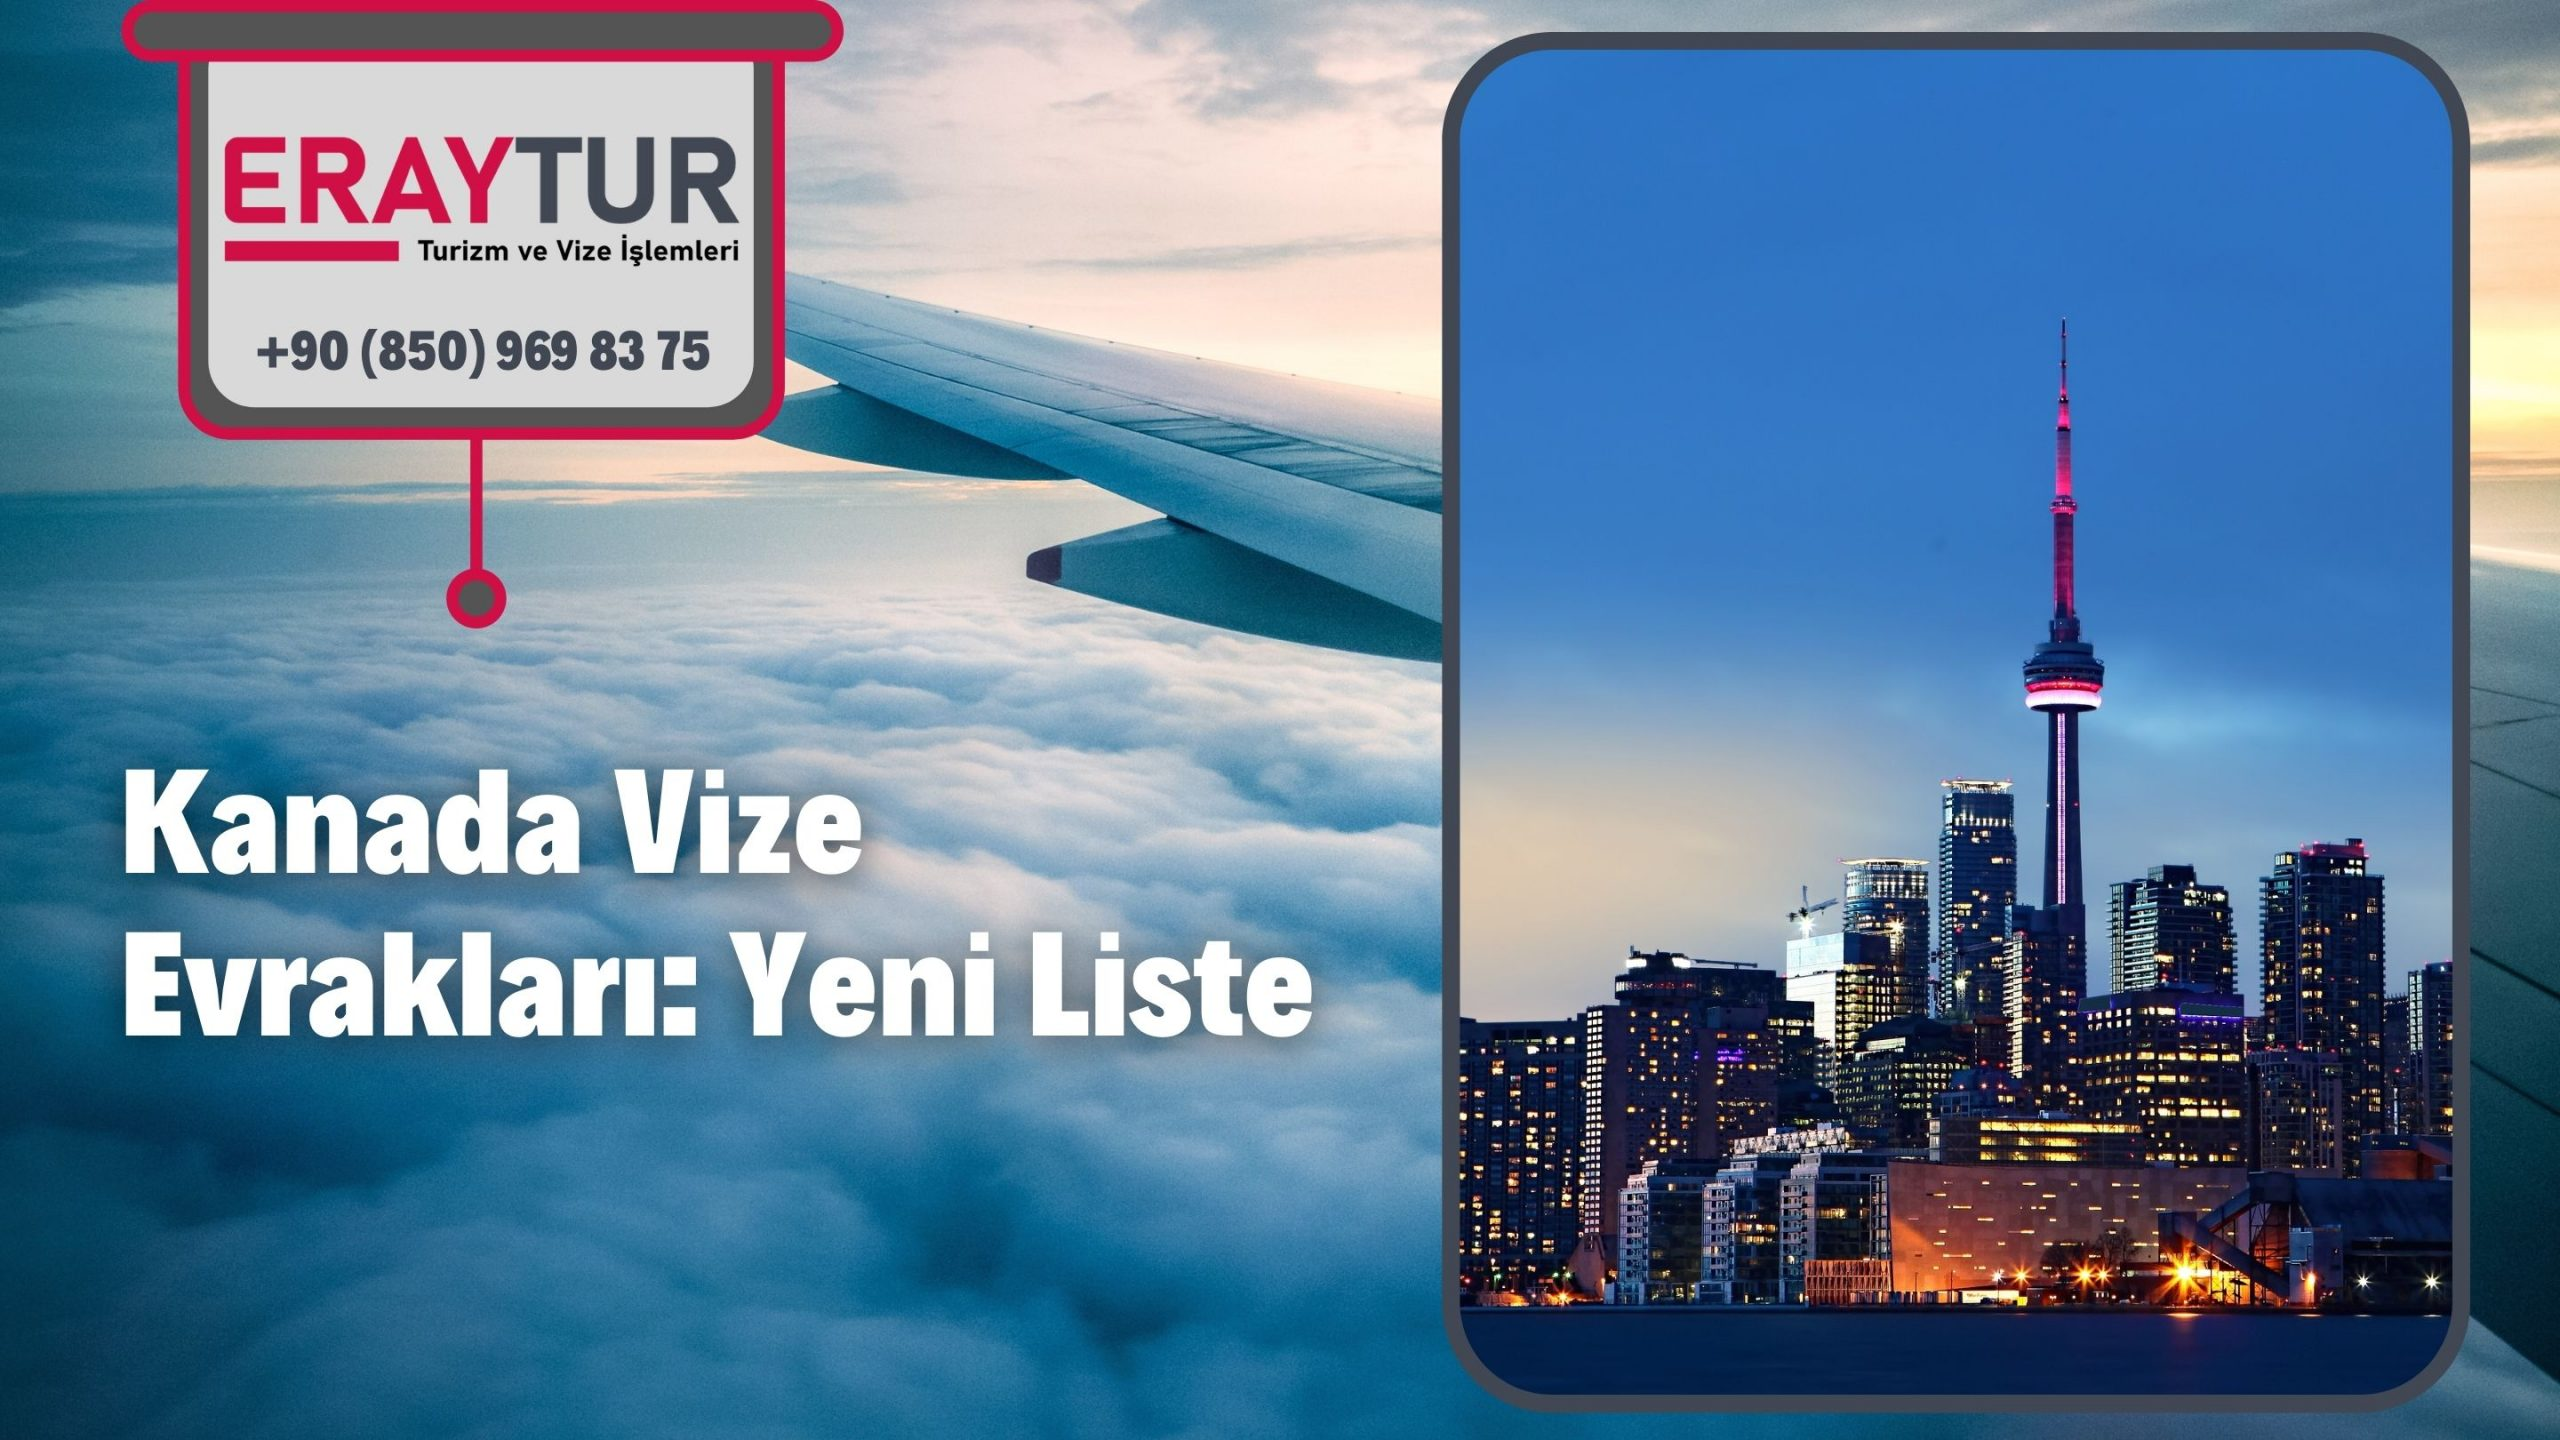 Kanada Vize Evrakları: Yeni Liste [2021]